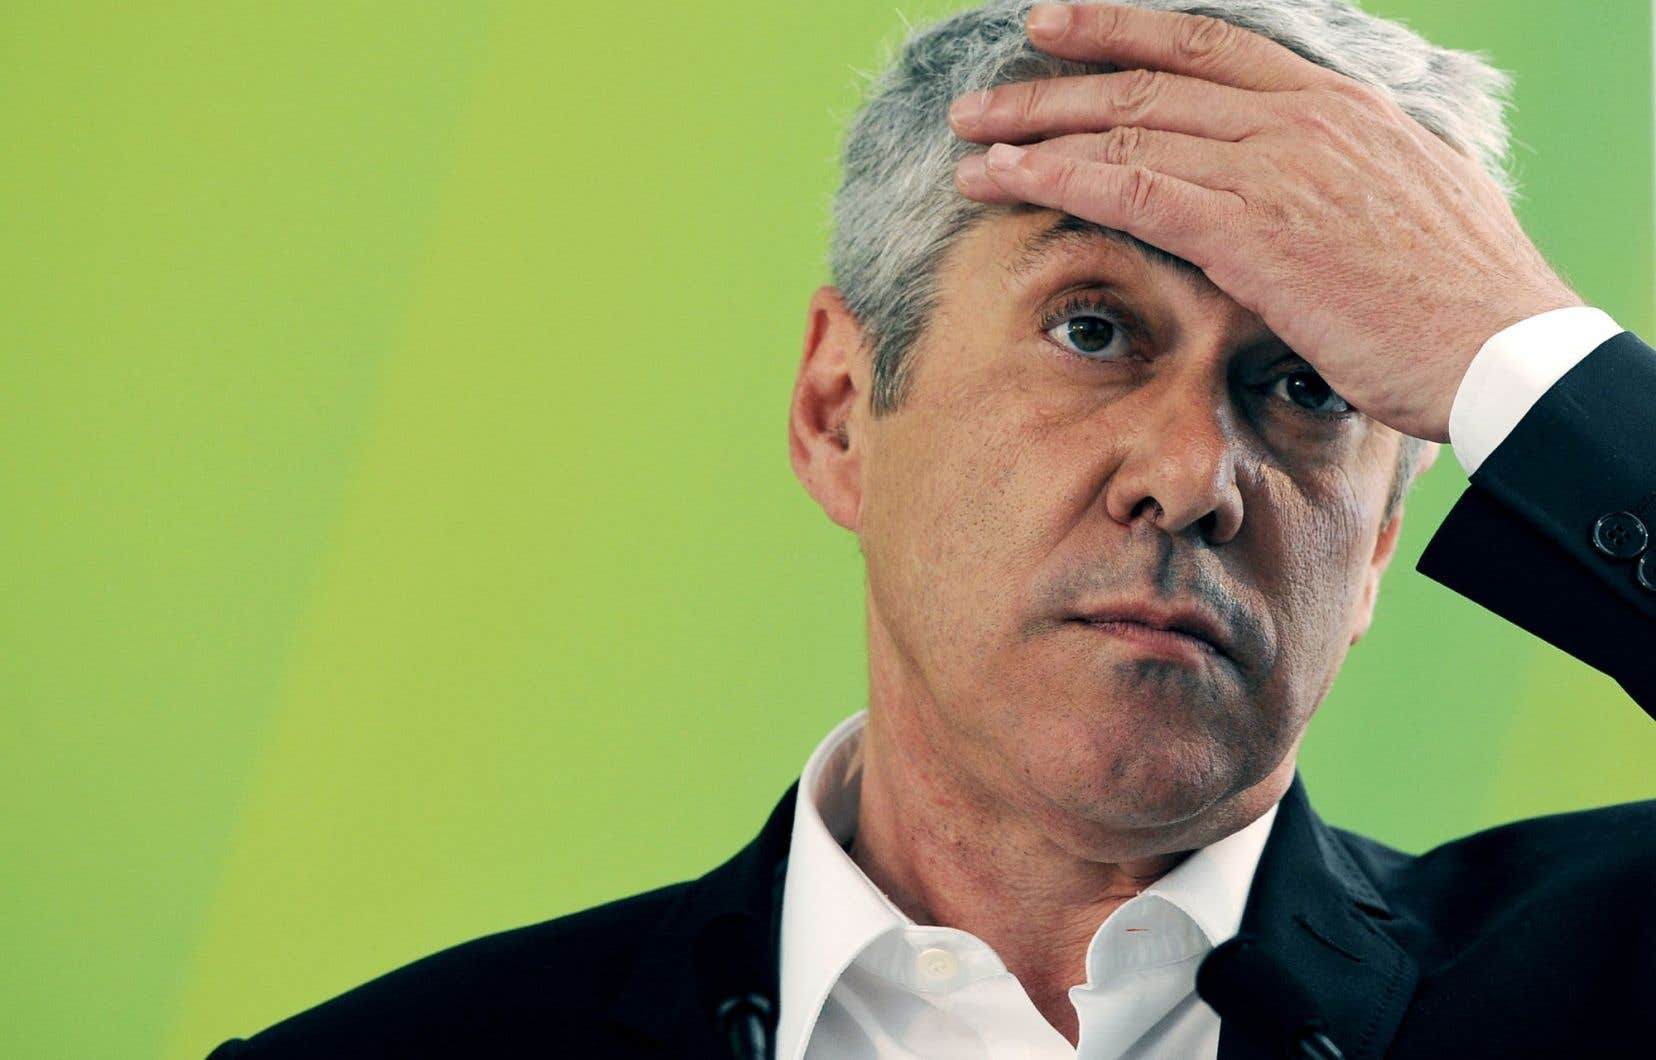 José Socrates durant la campagne électorale de 2011